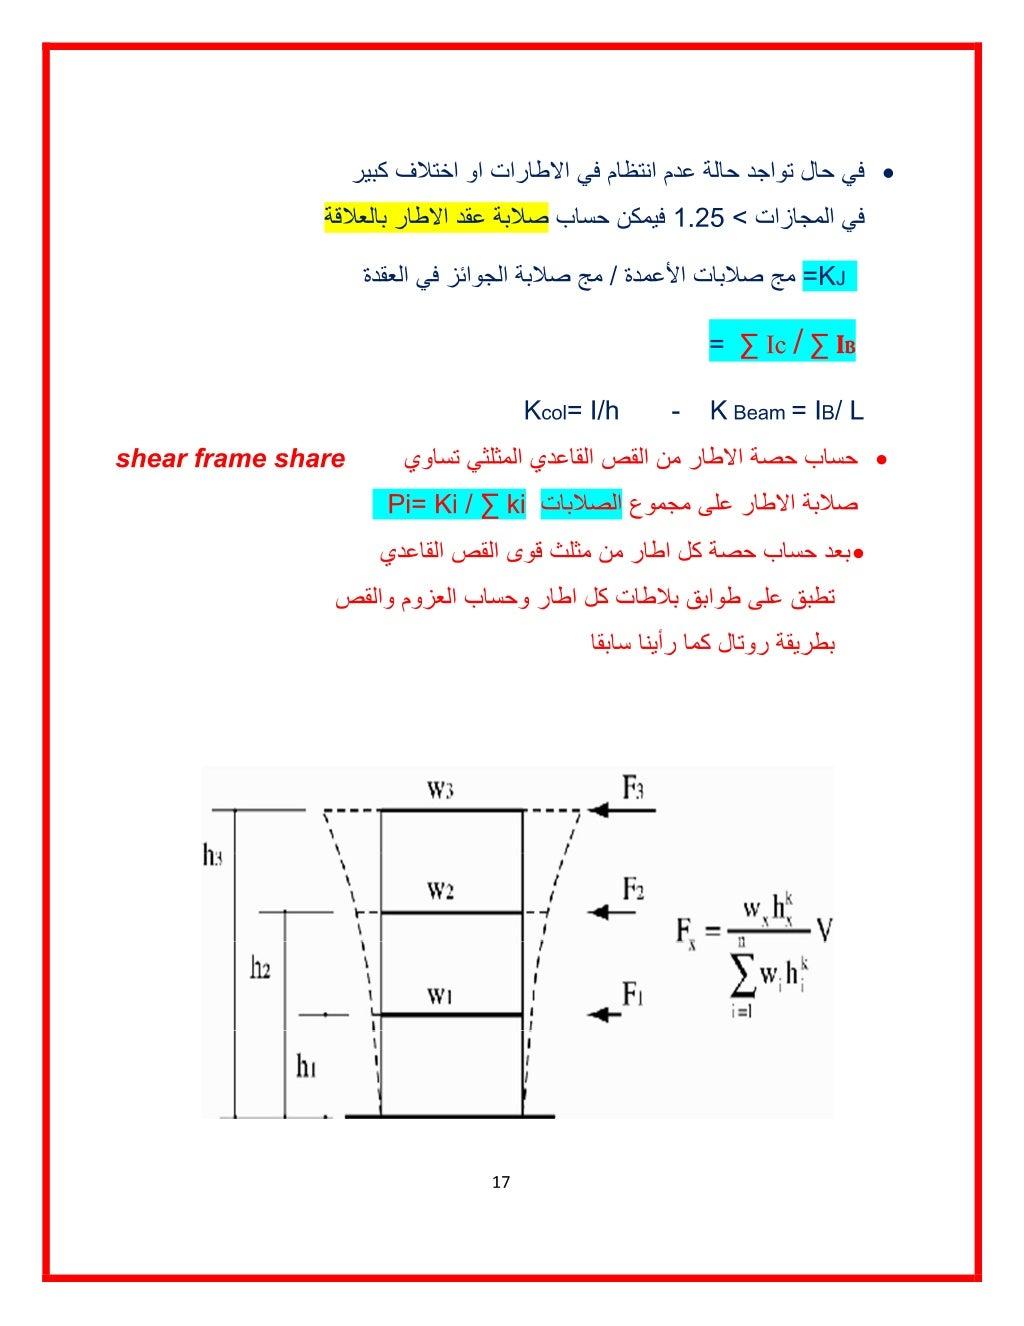 manual-designed-for-seismic-resistance-frames-moment-portals-method-17-1024.jpg